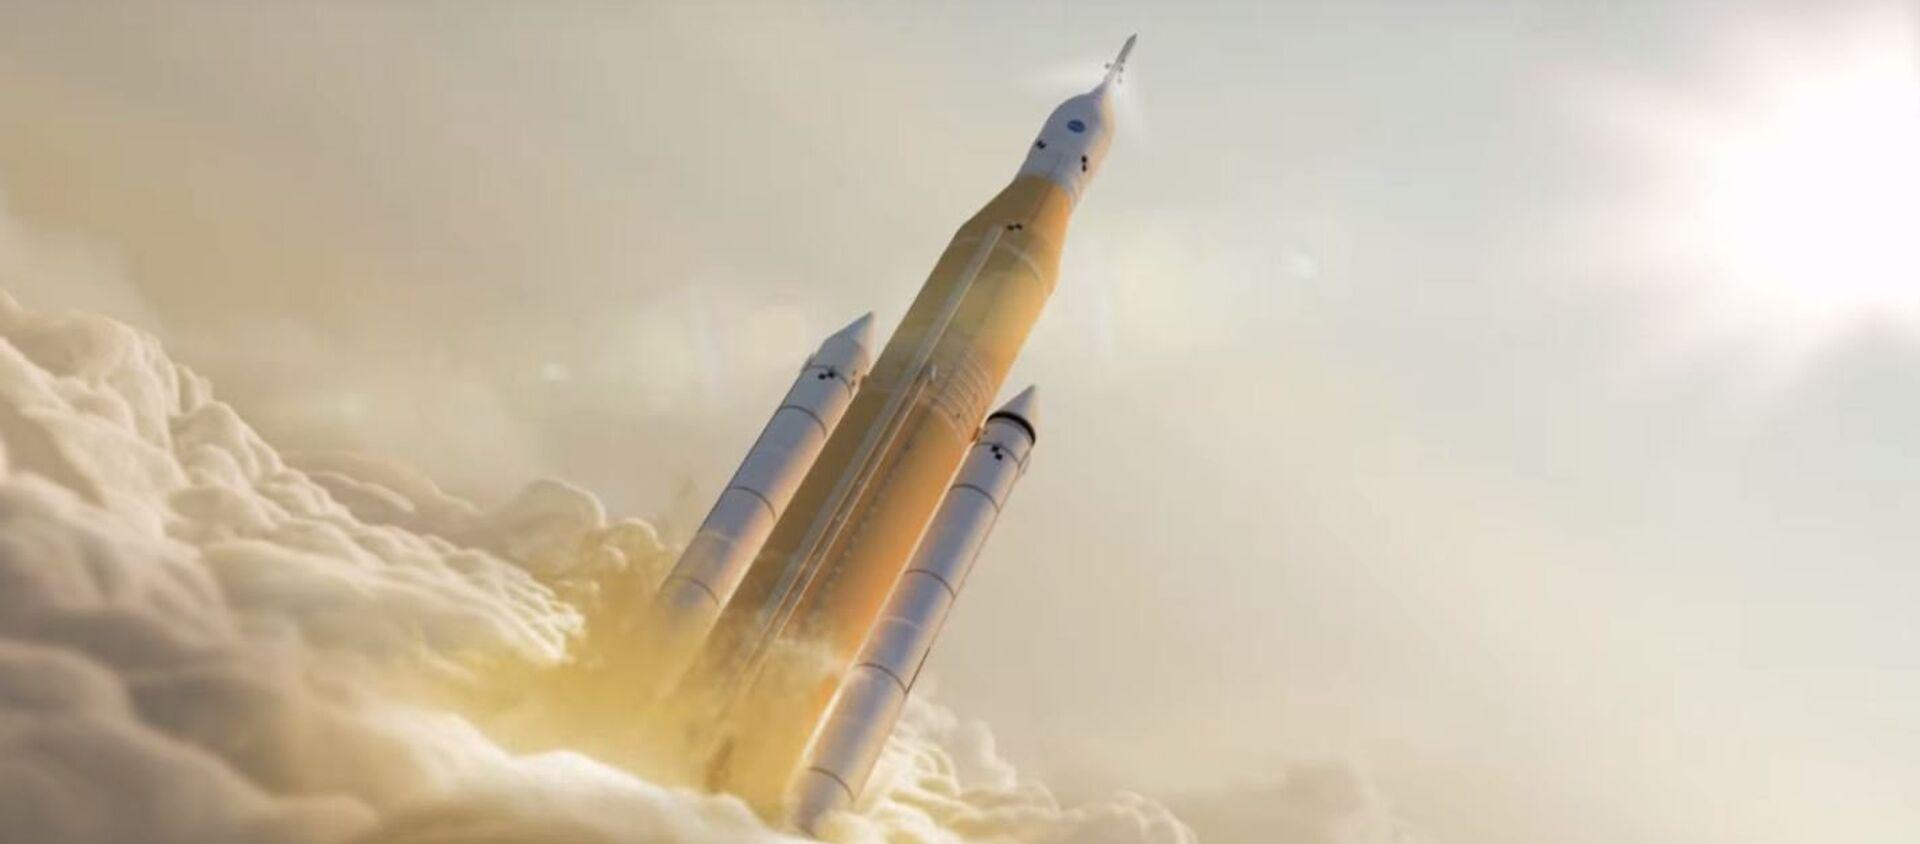 Una animación que representa el lanzamiento del cohete SLS - Sputnik Mundo, 1920, 08.11.2017